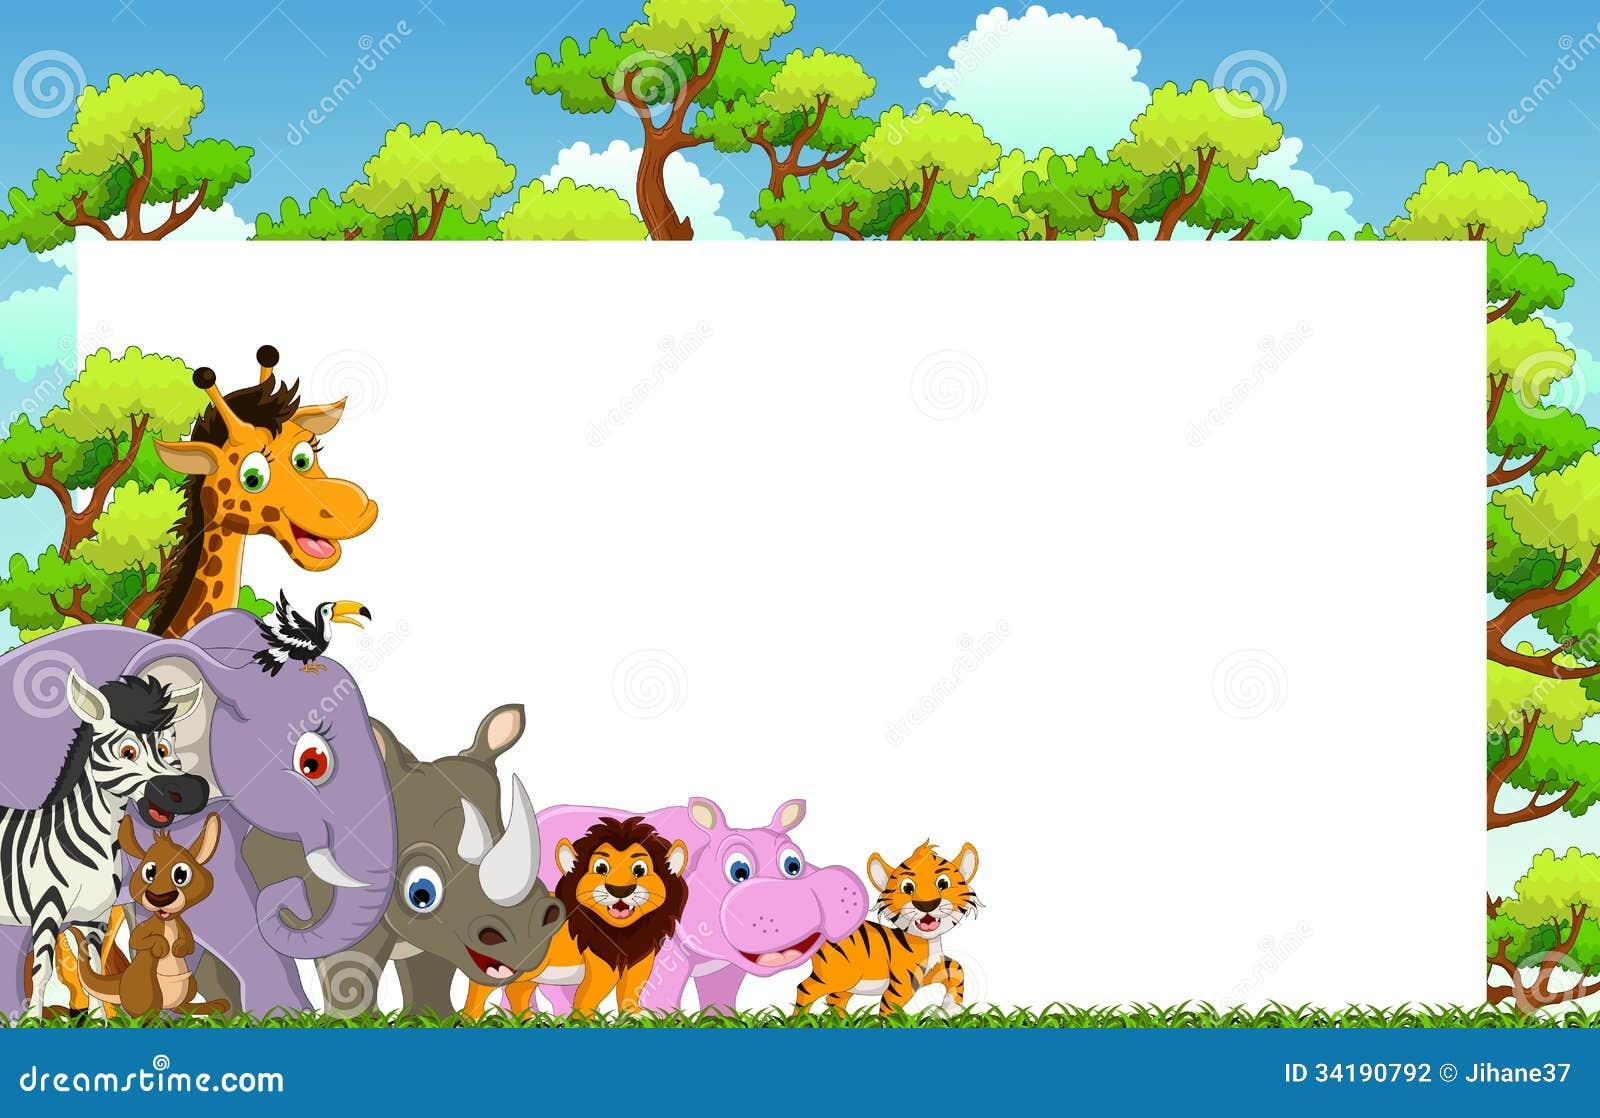 逗人喜爱的动物动画片的例证与空白的标志和热带森林背景的.图片